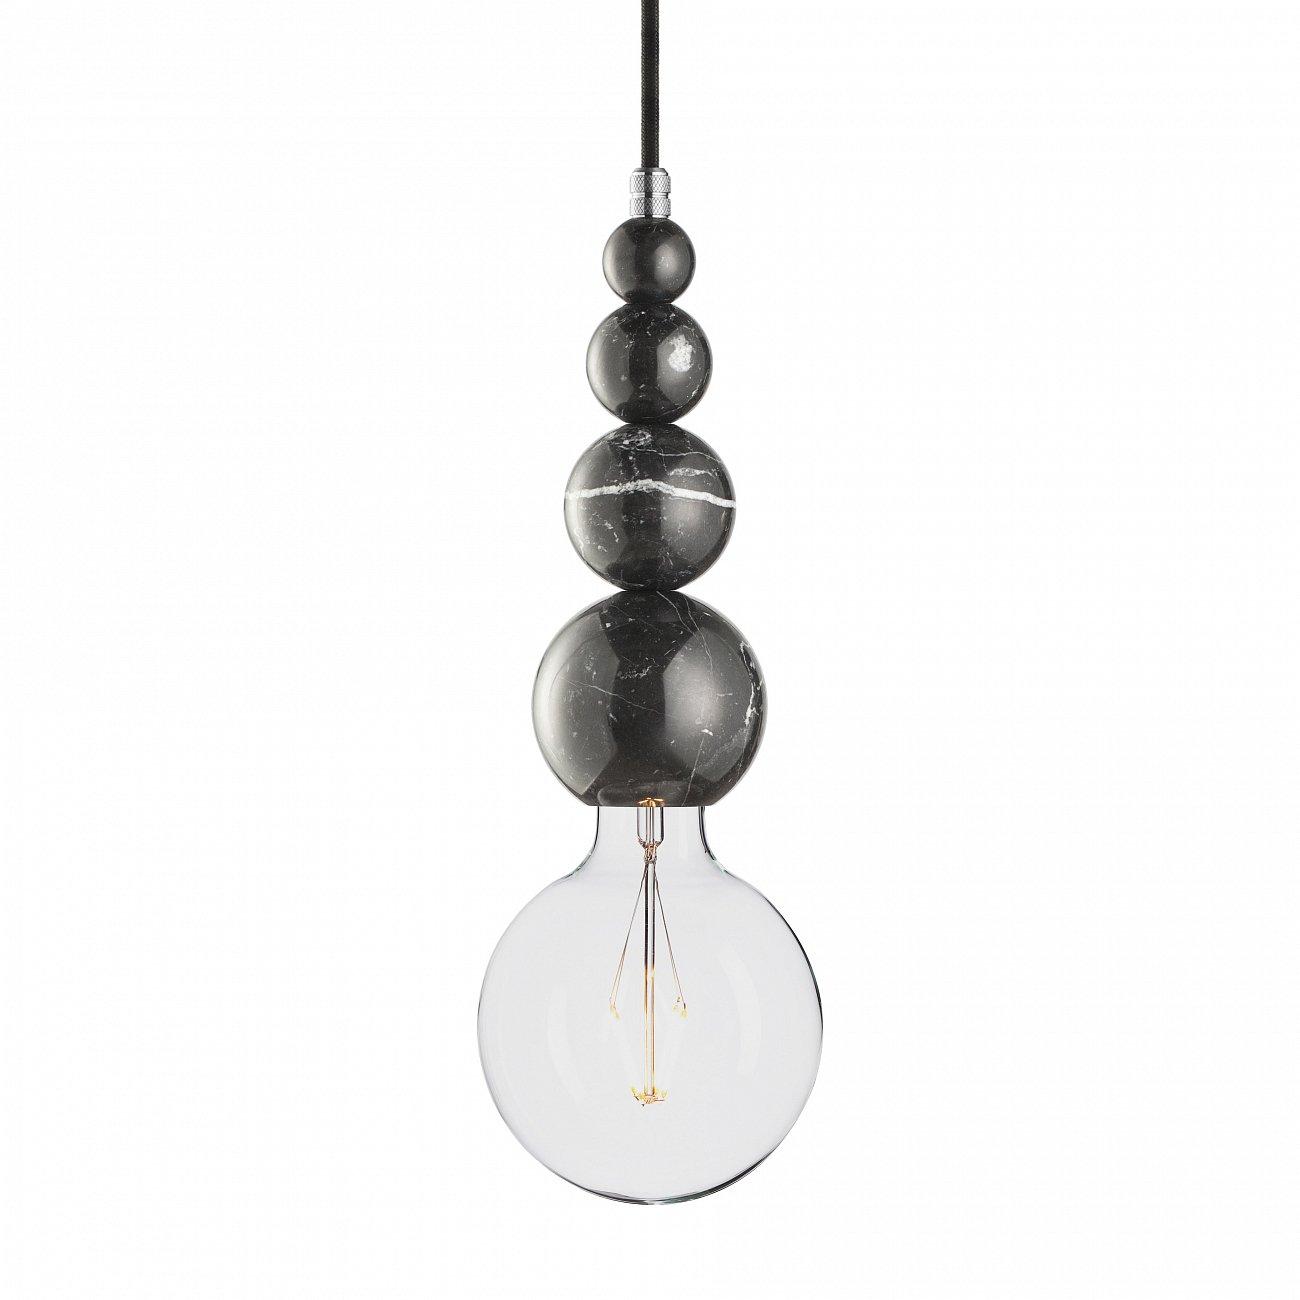 Купить Подвесной светильник MARMOR SLIPP NERO ALUMINUM в интернет магазине дизайнерской мебели и аксессуаров для дома и дачи